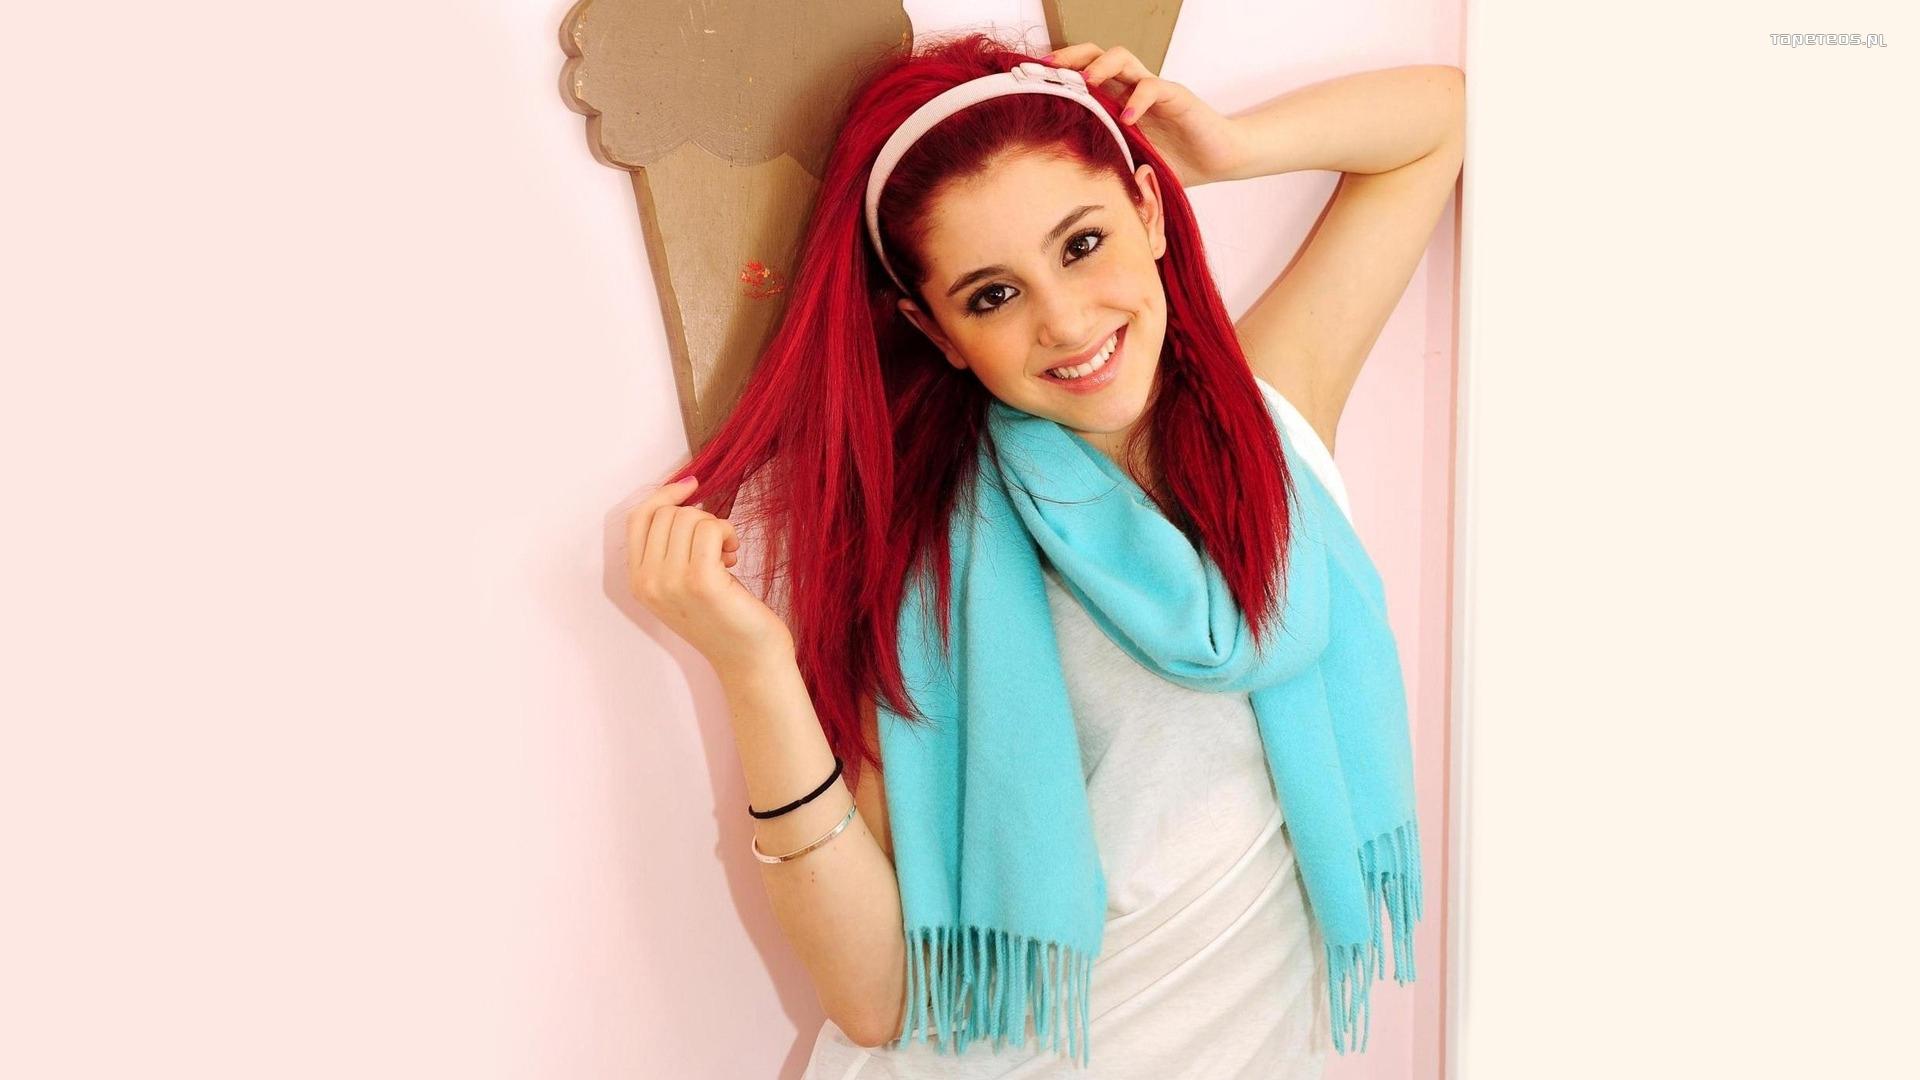 Ariana GrandeButera Boca Raton 26 giugno 1993 è unattrice cantante e compositrice statunitense Divenuta famosa grazie al ruolo di Cat Valentine nelle sitcom